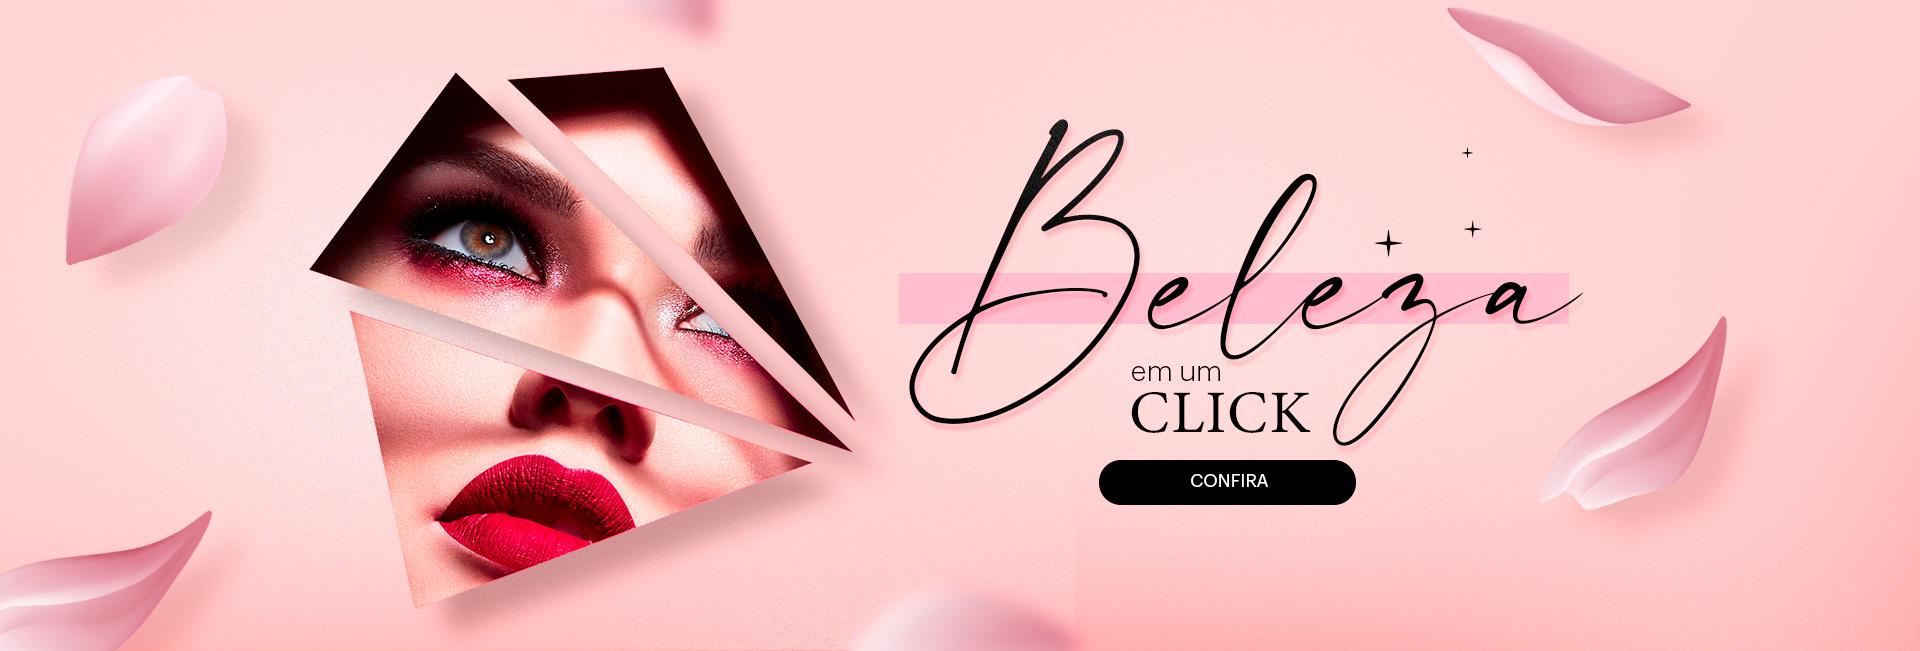 Beleza em um click